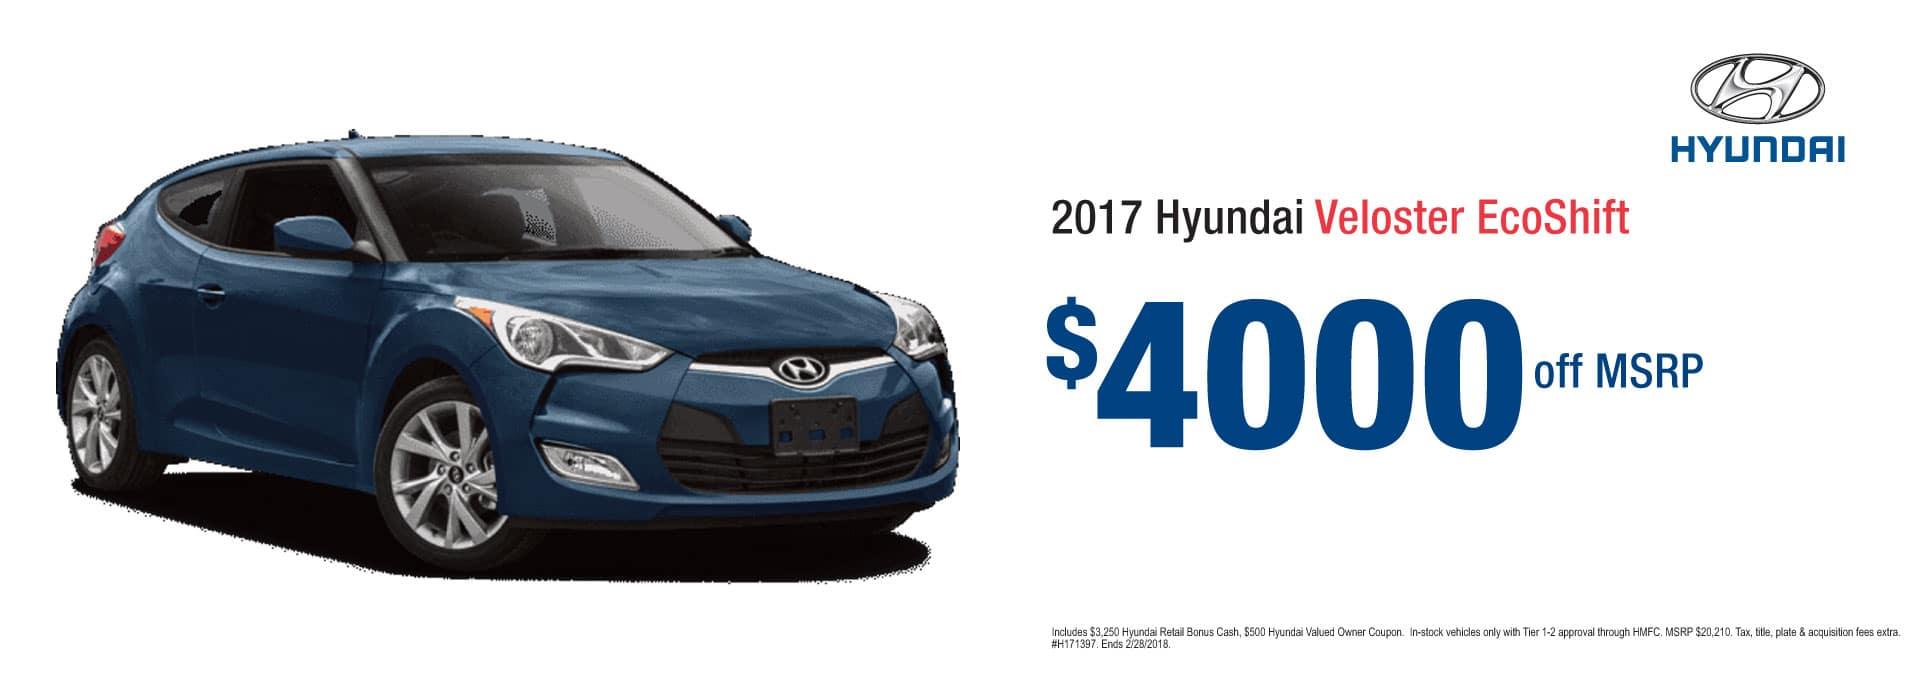 2018 Hyundai Friends